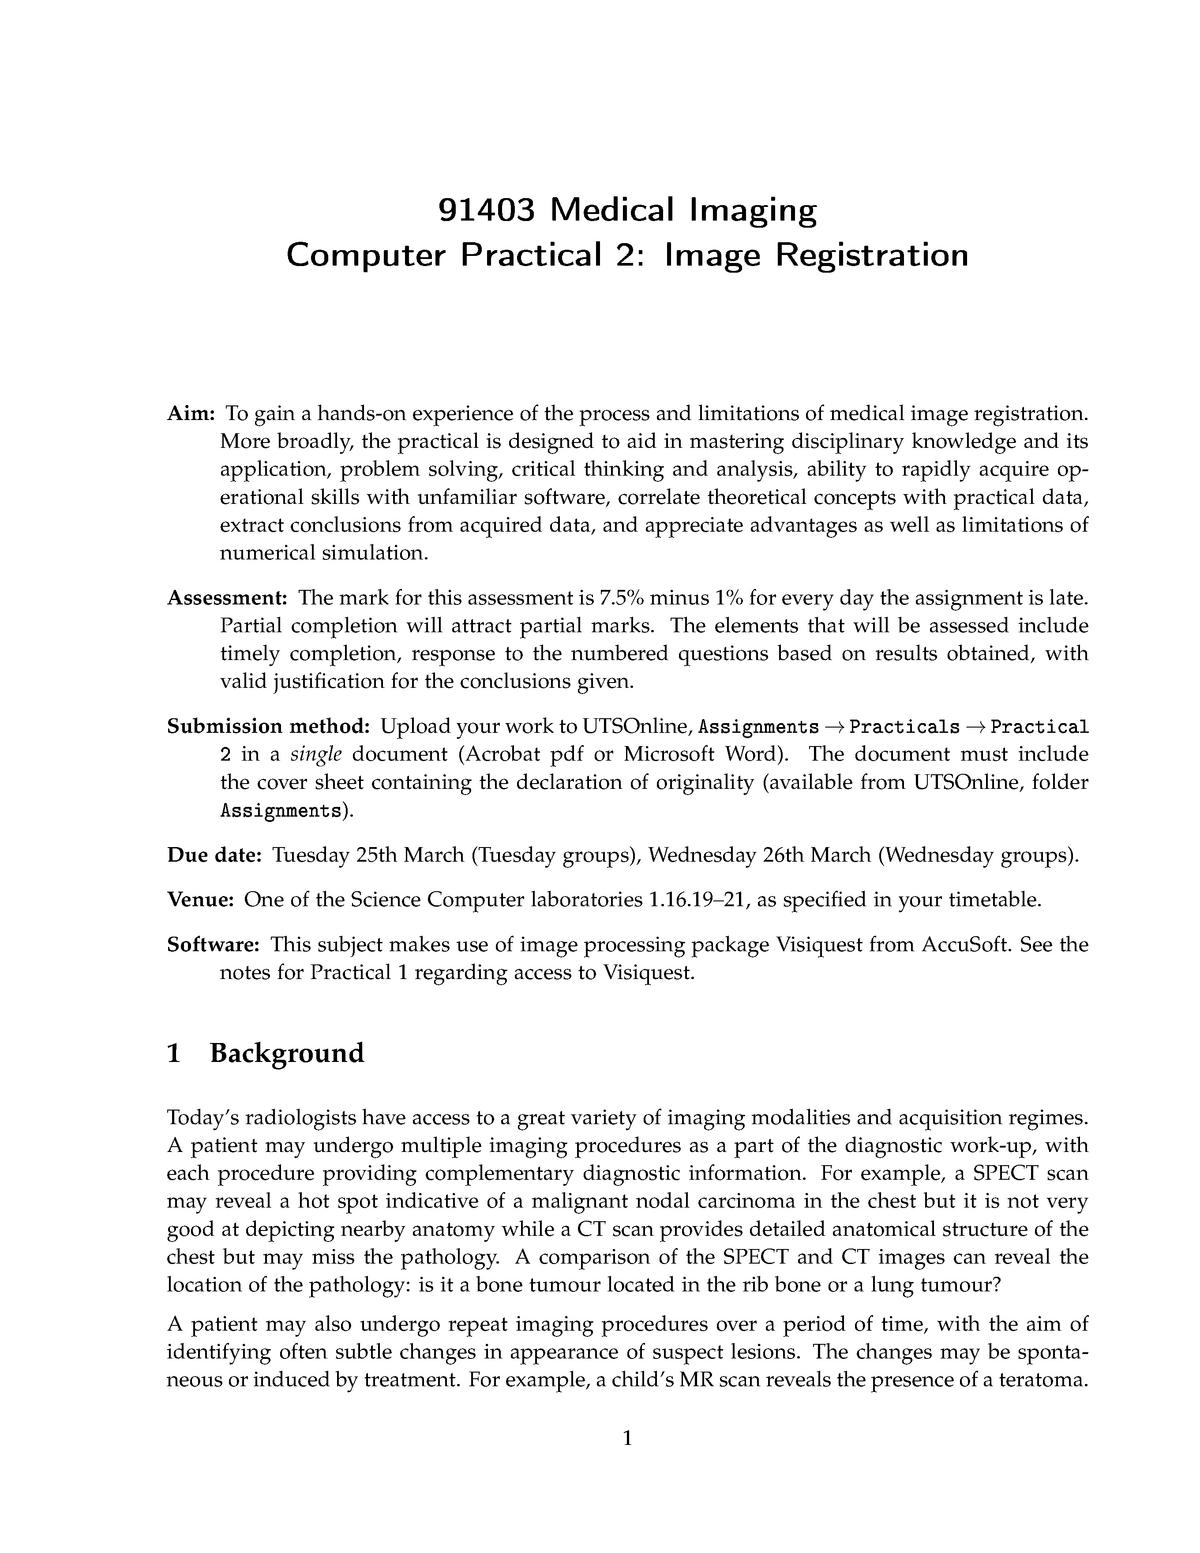 Image Registration practical 2 rulling - 091403 : Medical Imaging